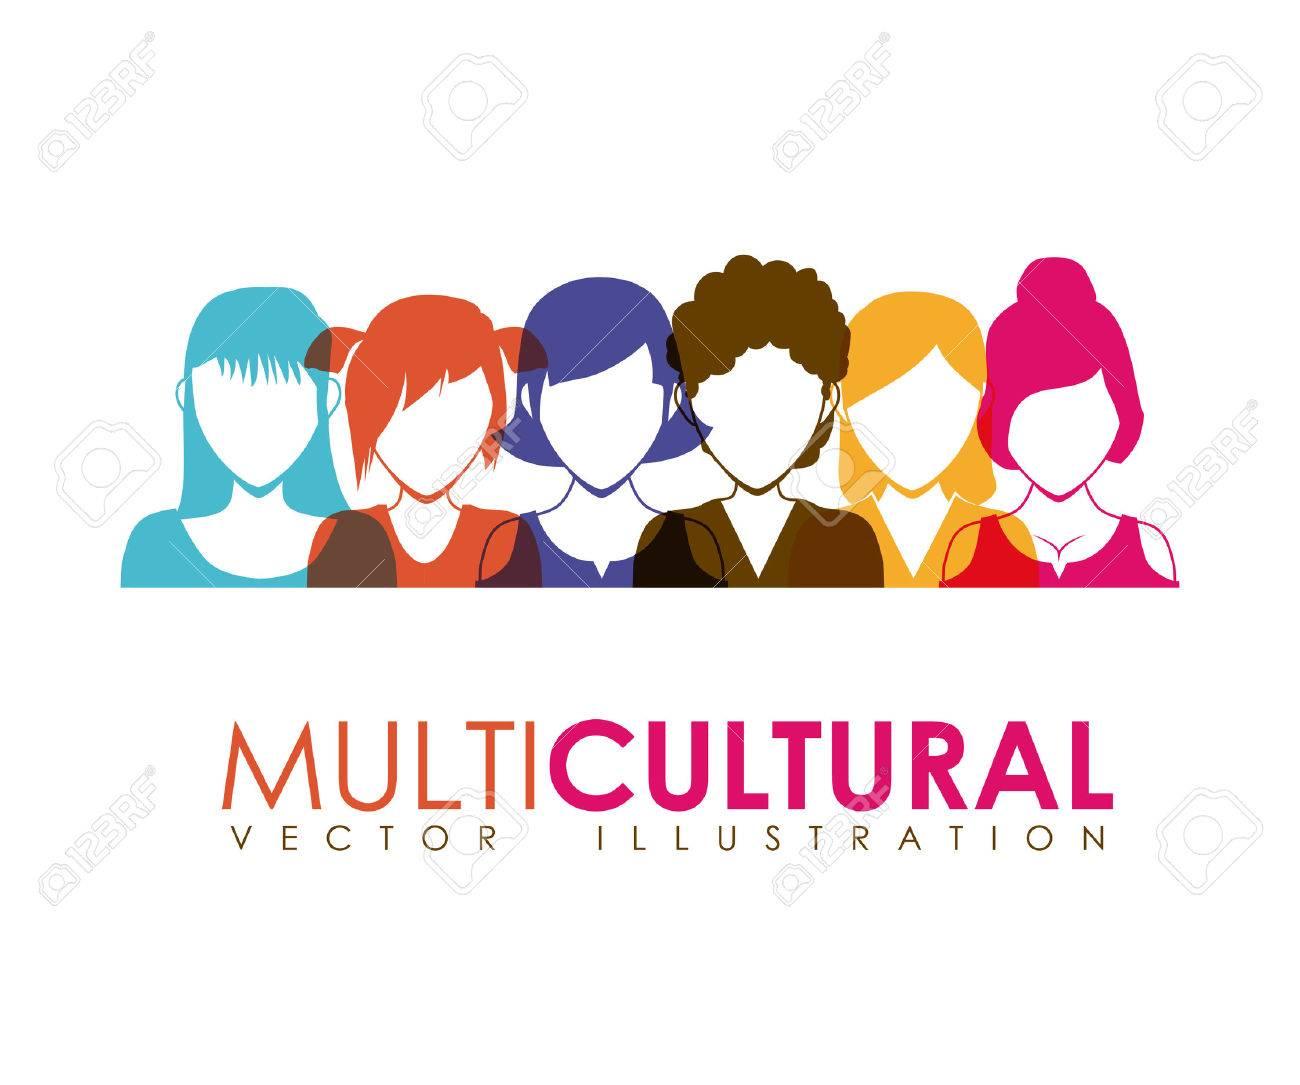 しんじゅく多文化共生デザイン、...